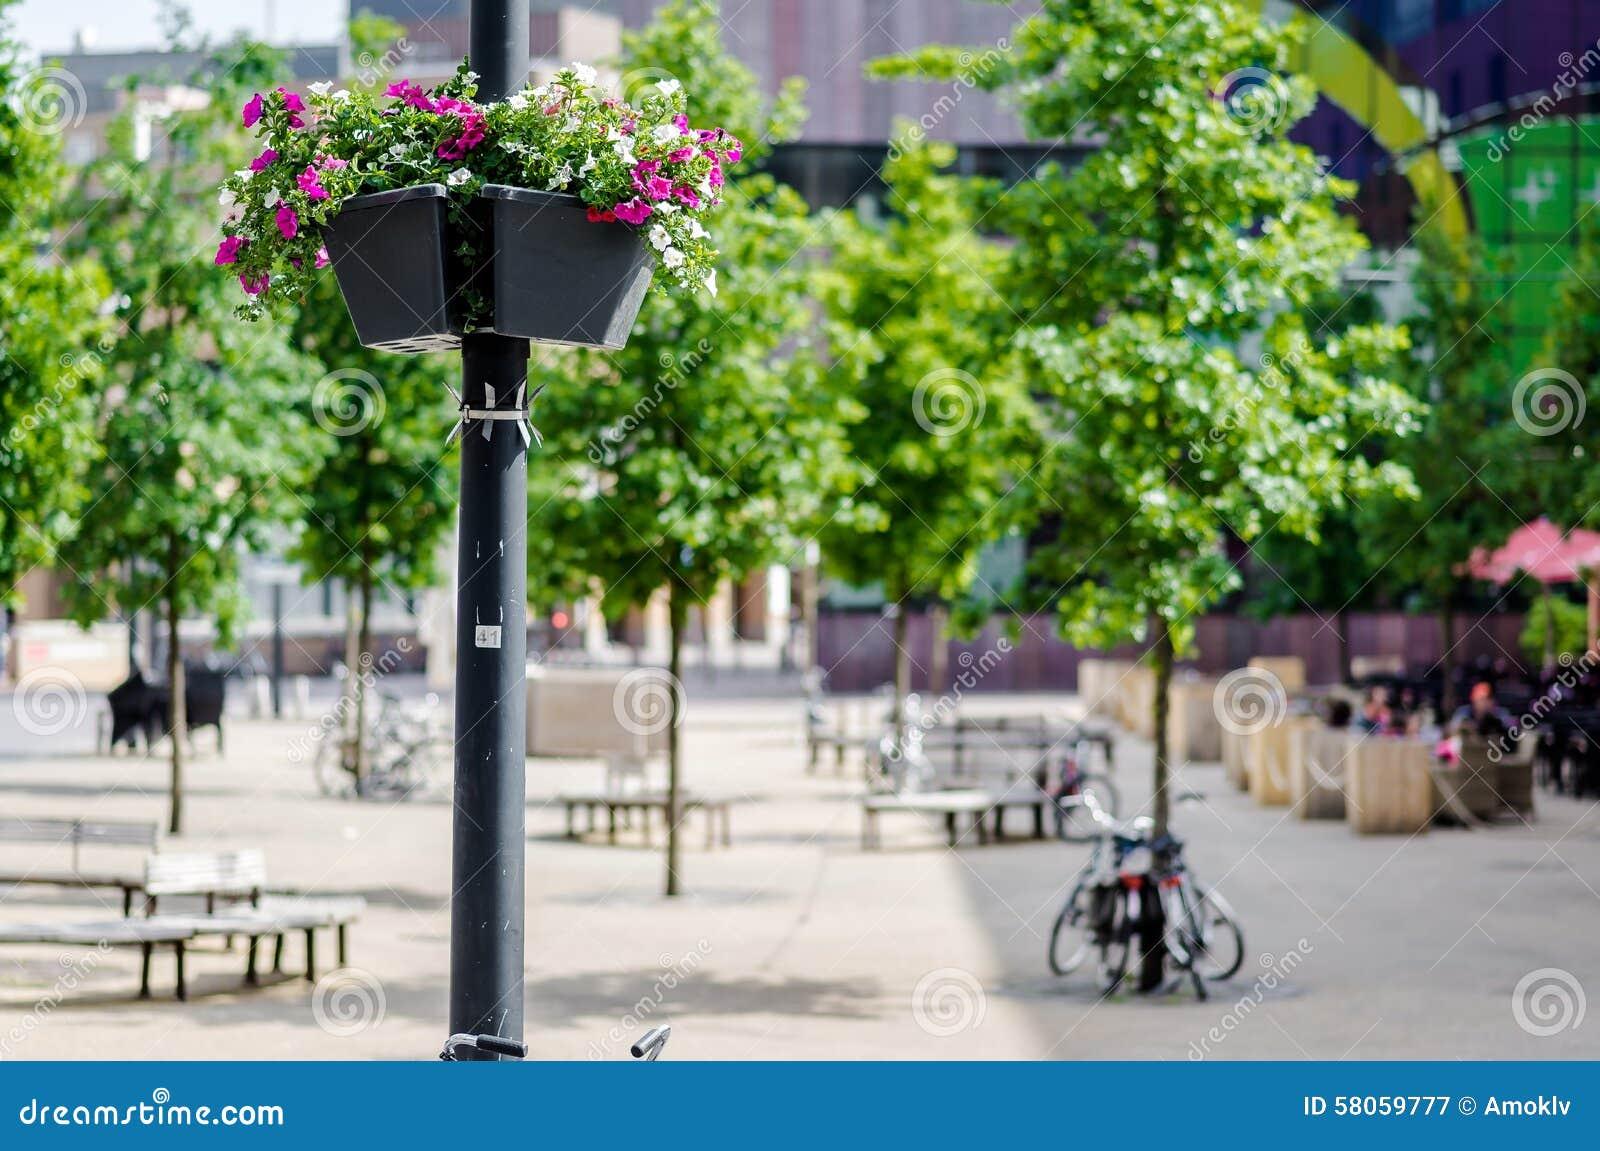 Lampade Con Fiori: Come montare una piantana tiffany. Come montare ...